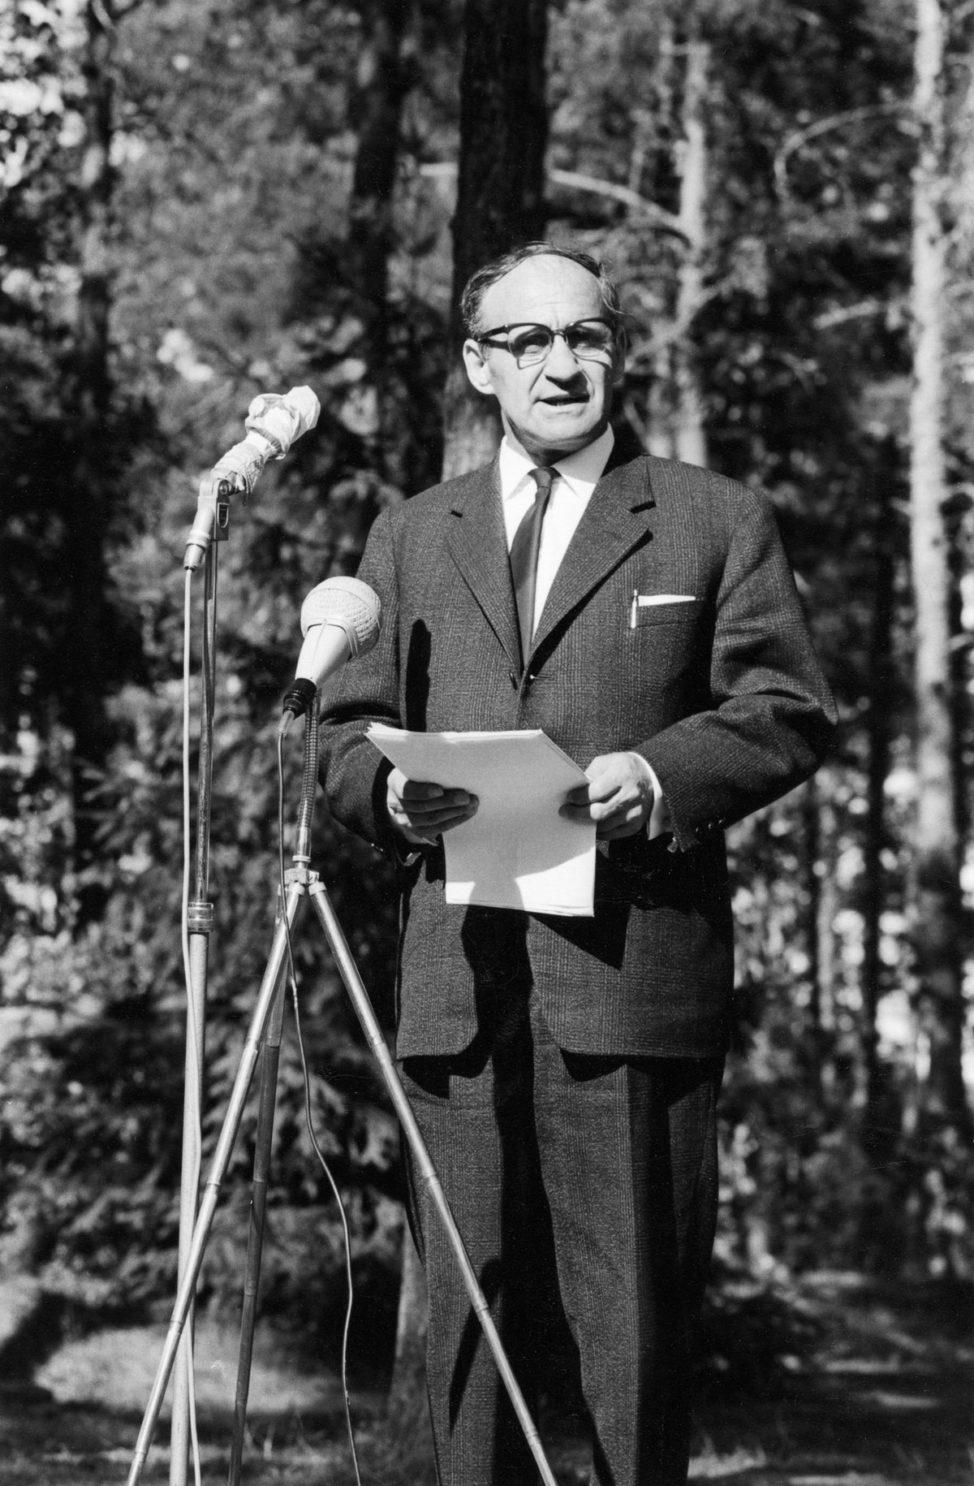 Kirjailija Väinö Linna pitämässä juhlapuhetta Kivi-juhlien 15-vuotisjuhlassa Taaborinvuorella 2.7.1967.